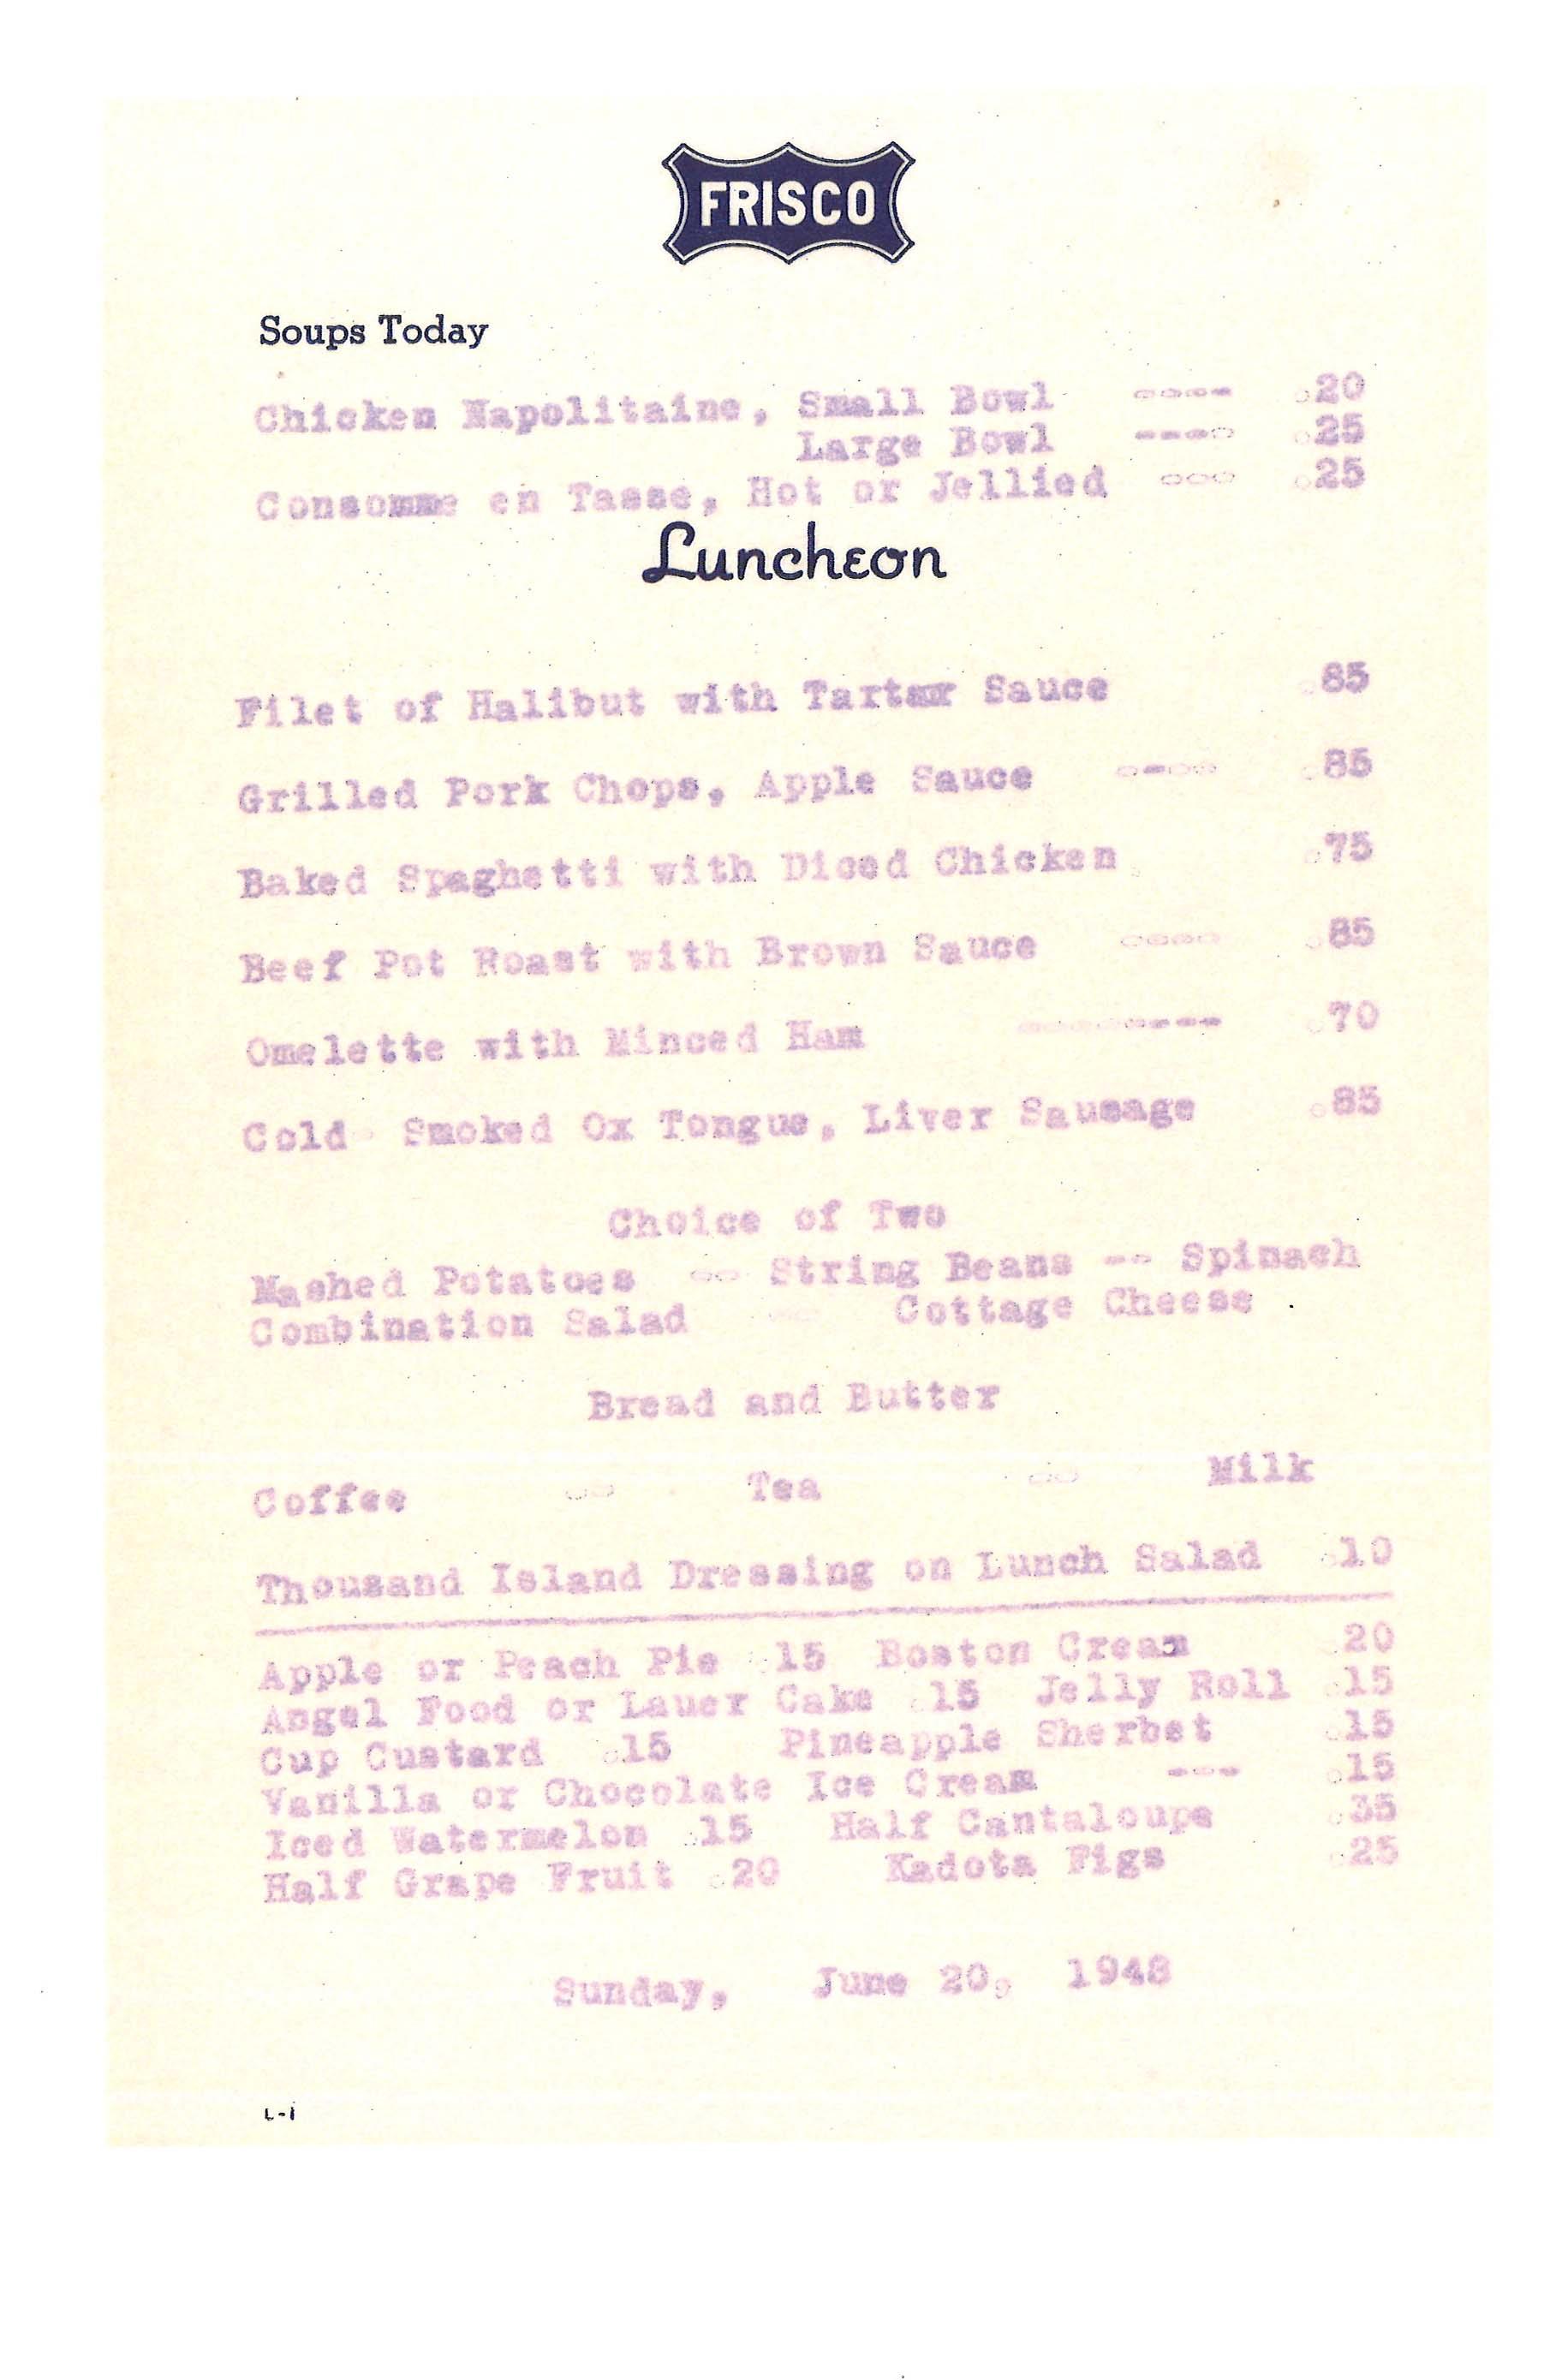 Frisco+1948+-+Lunch+Menu 2.jpg